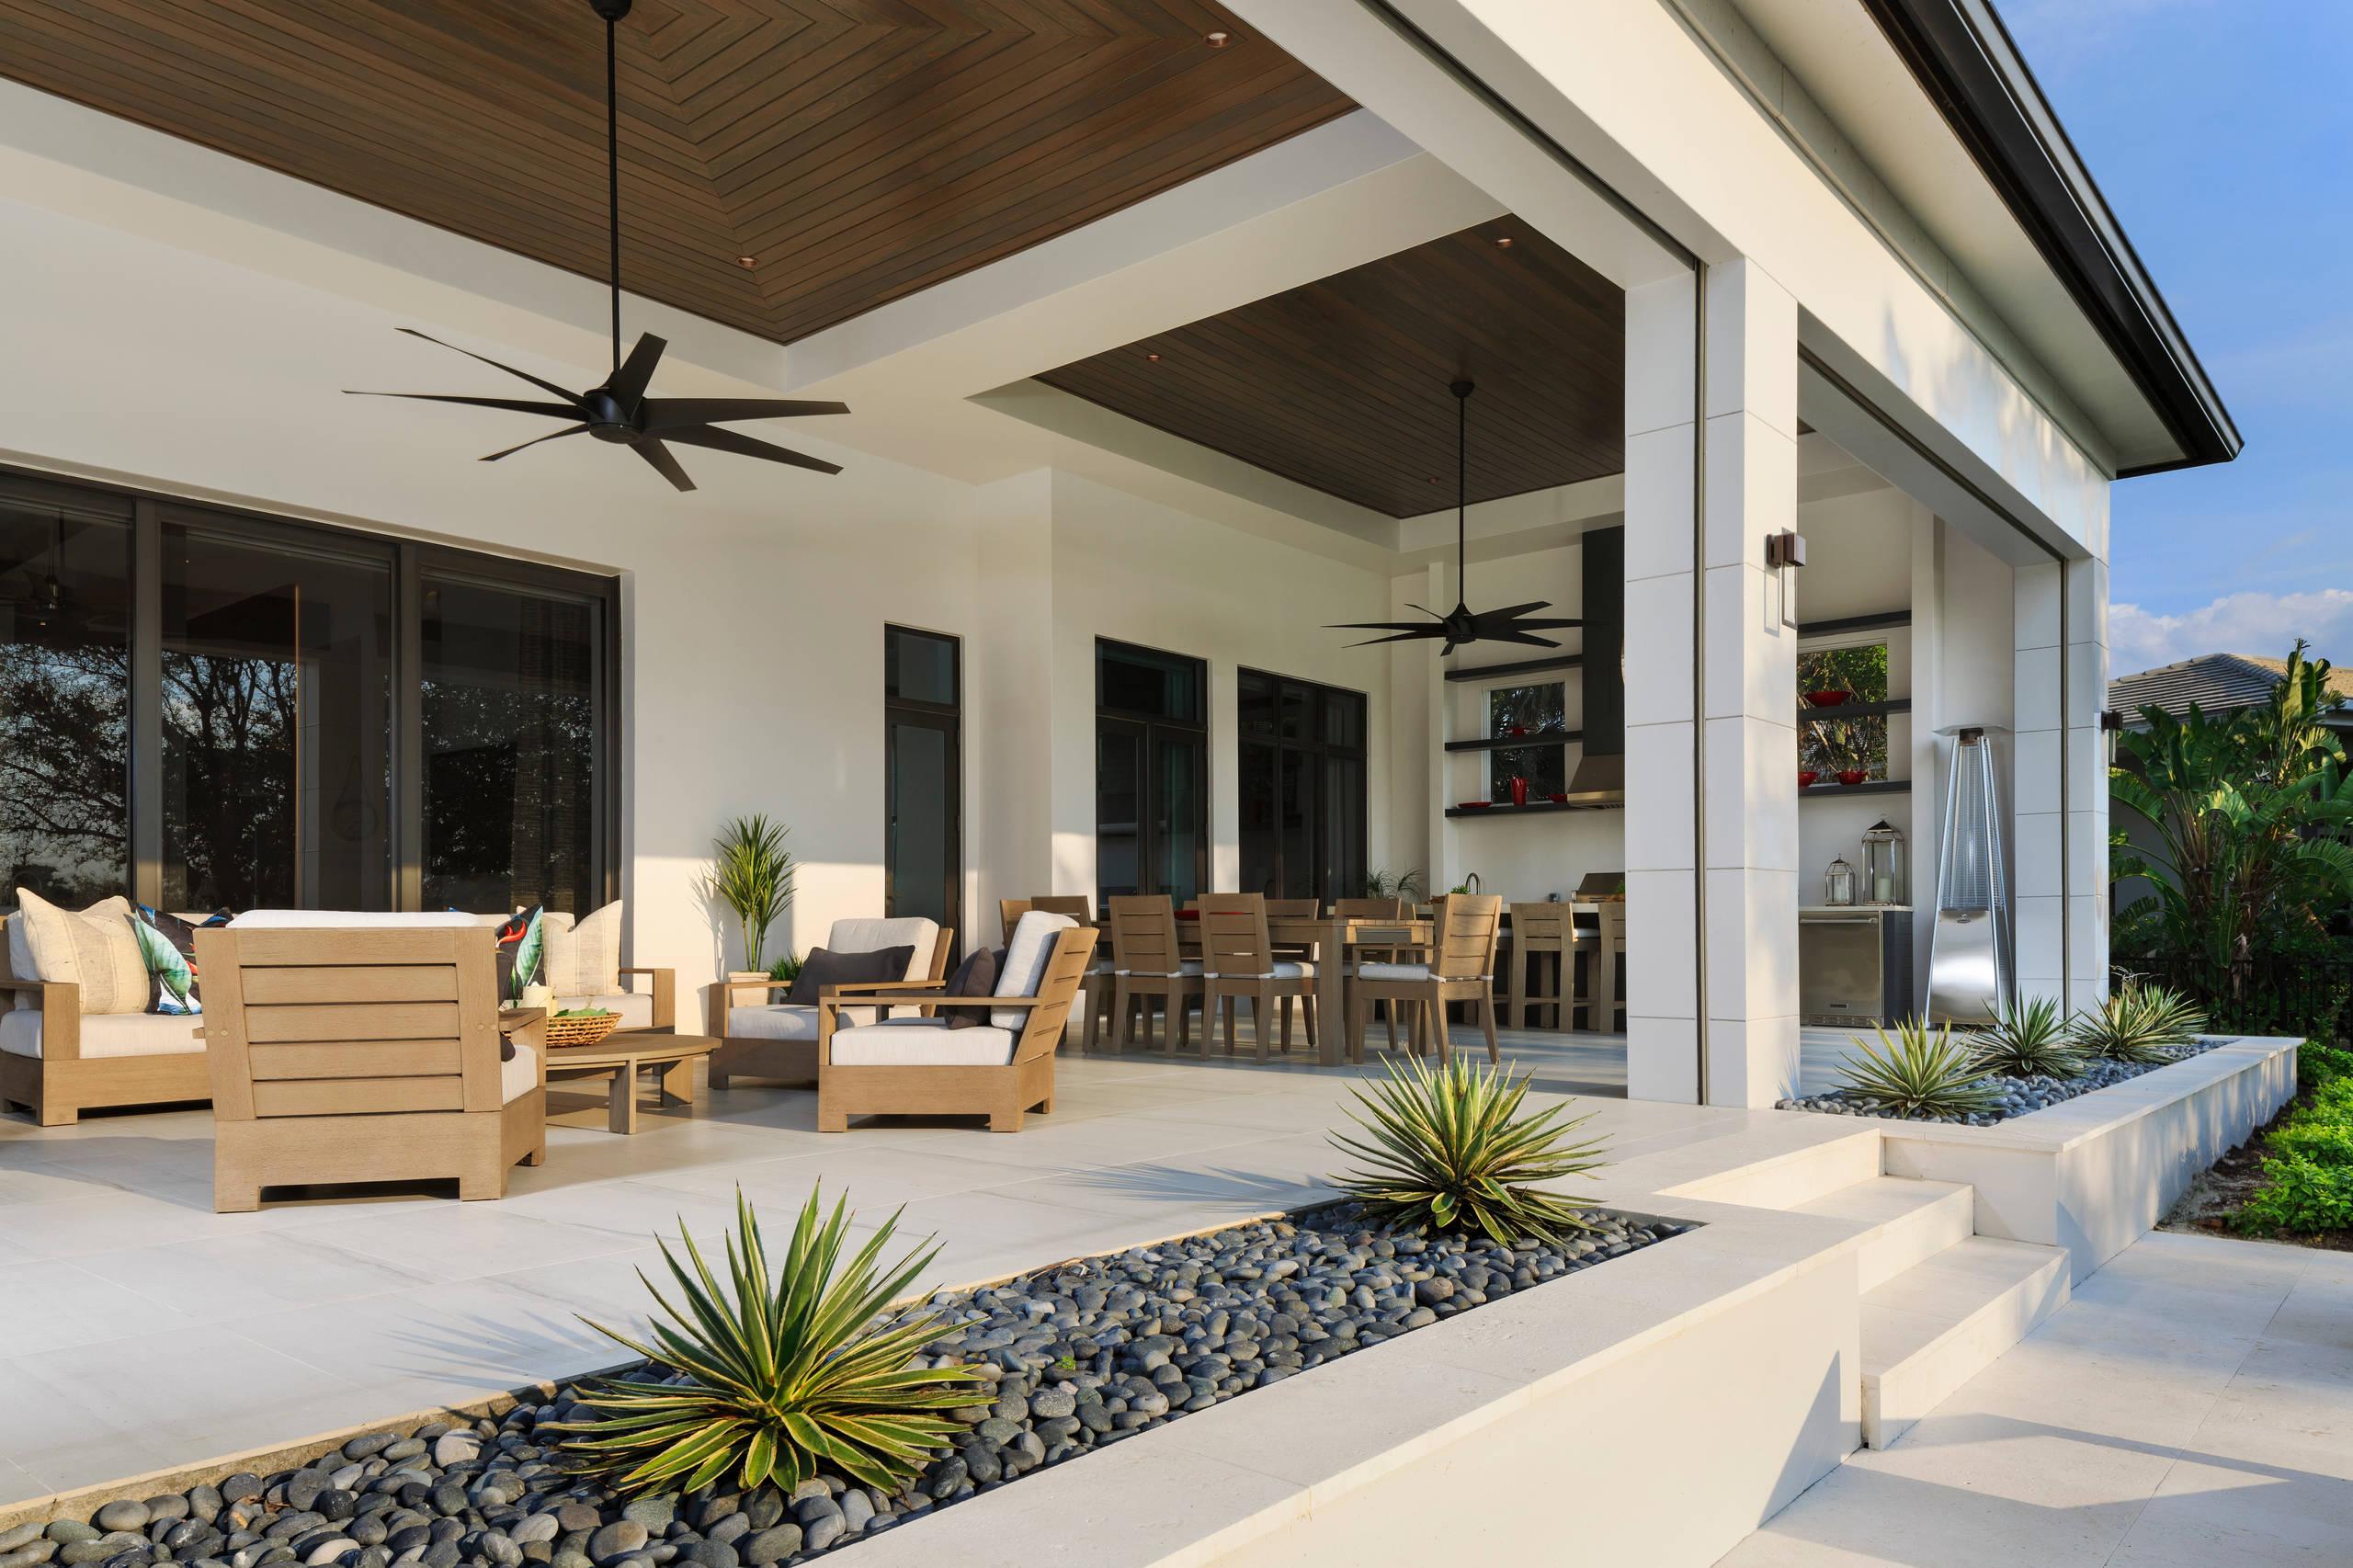 75 beautiful modern outdoor design